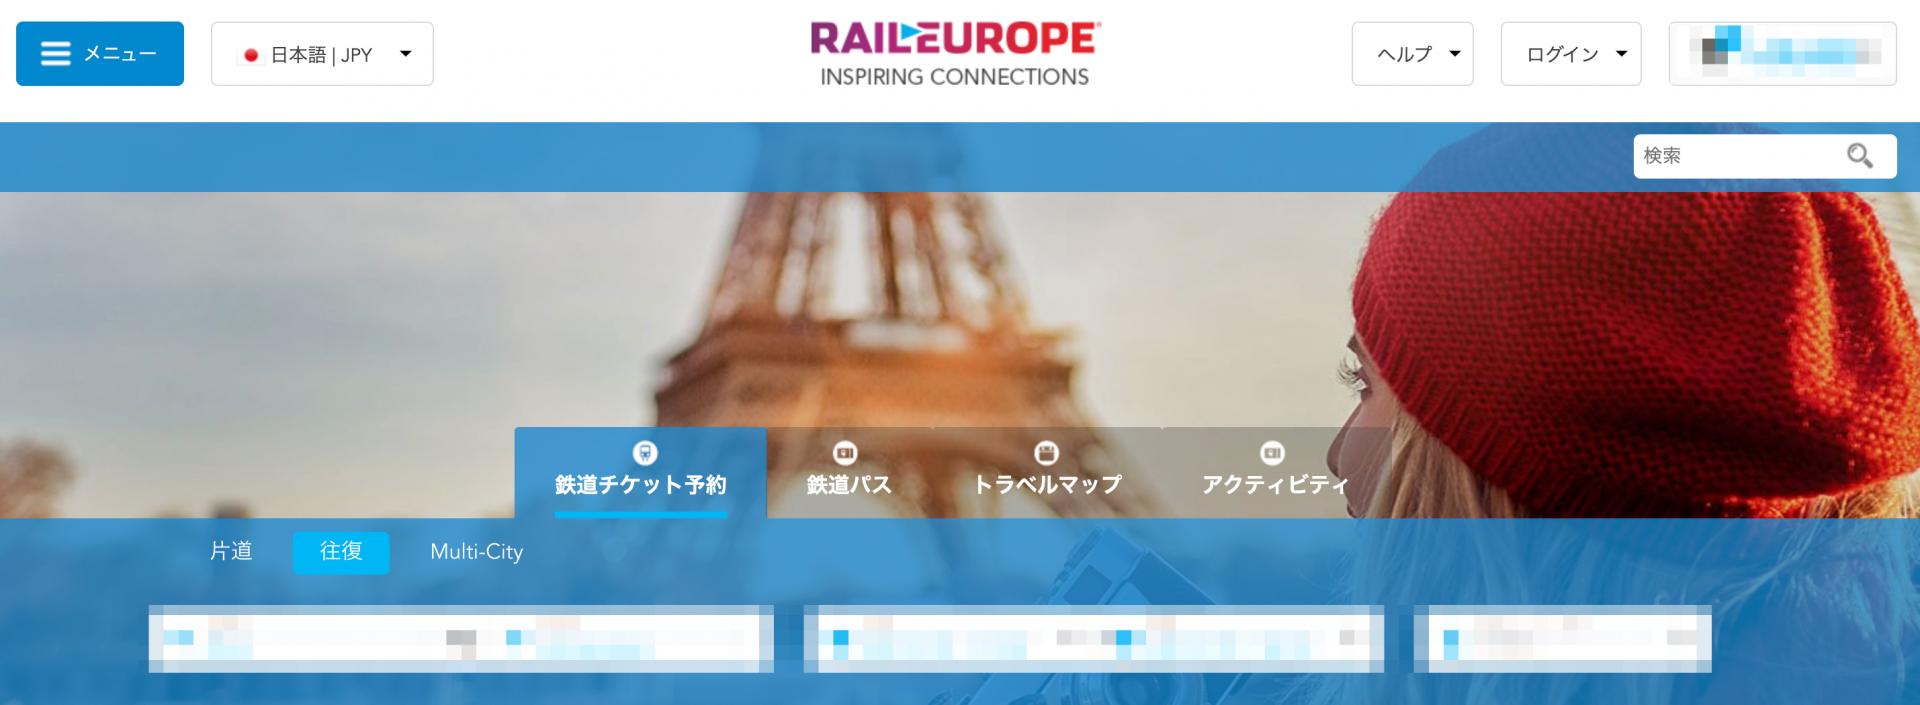 レイルヨーロッパのヨーロッパの列車予約が1,700円割引クーポン